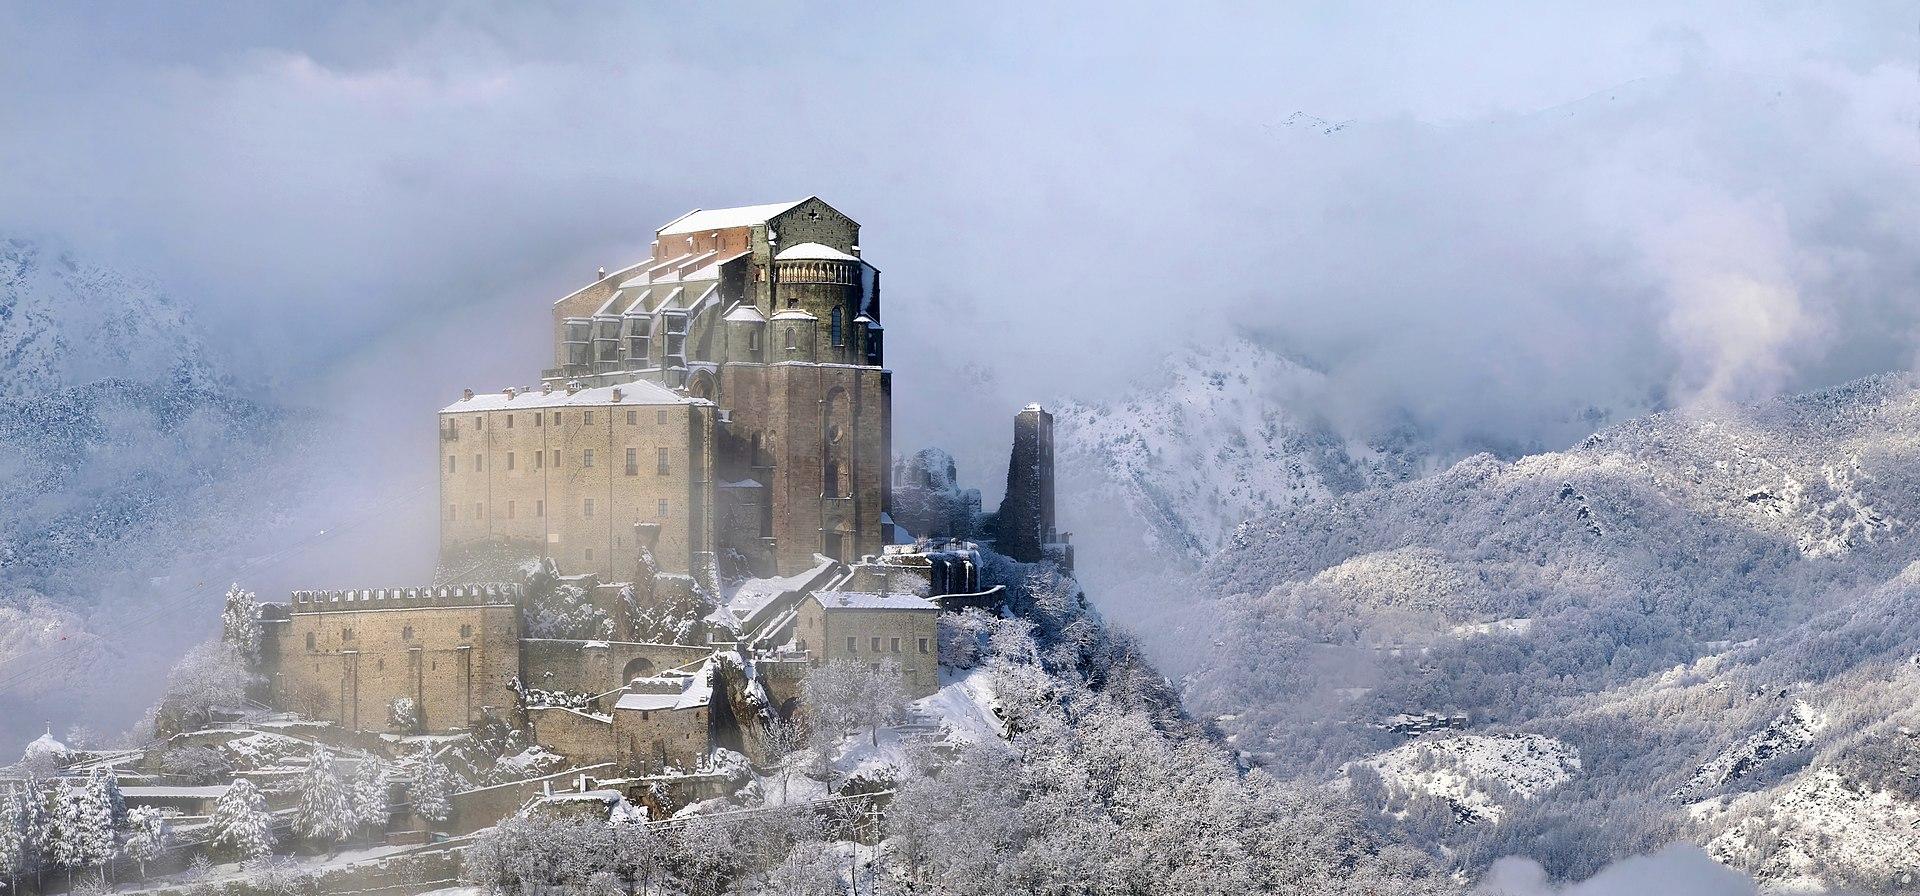 L'abbaye Saint-Michel-de-la-Cluse, sur le mont Pirchiriano (Piémont).  (définition réelle 8000×3733)